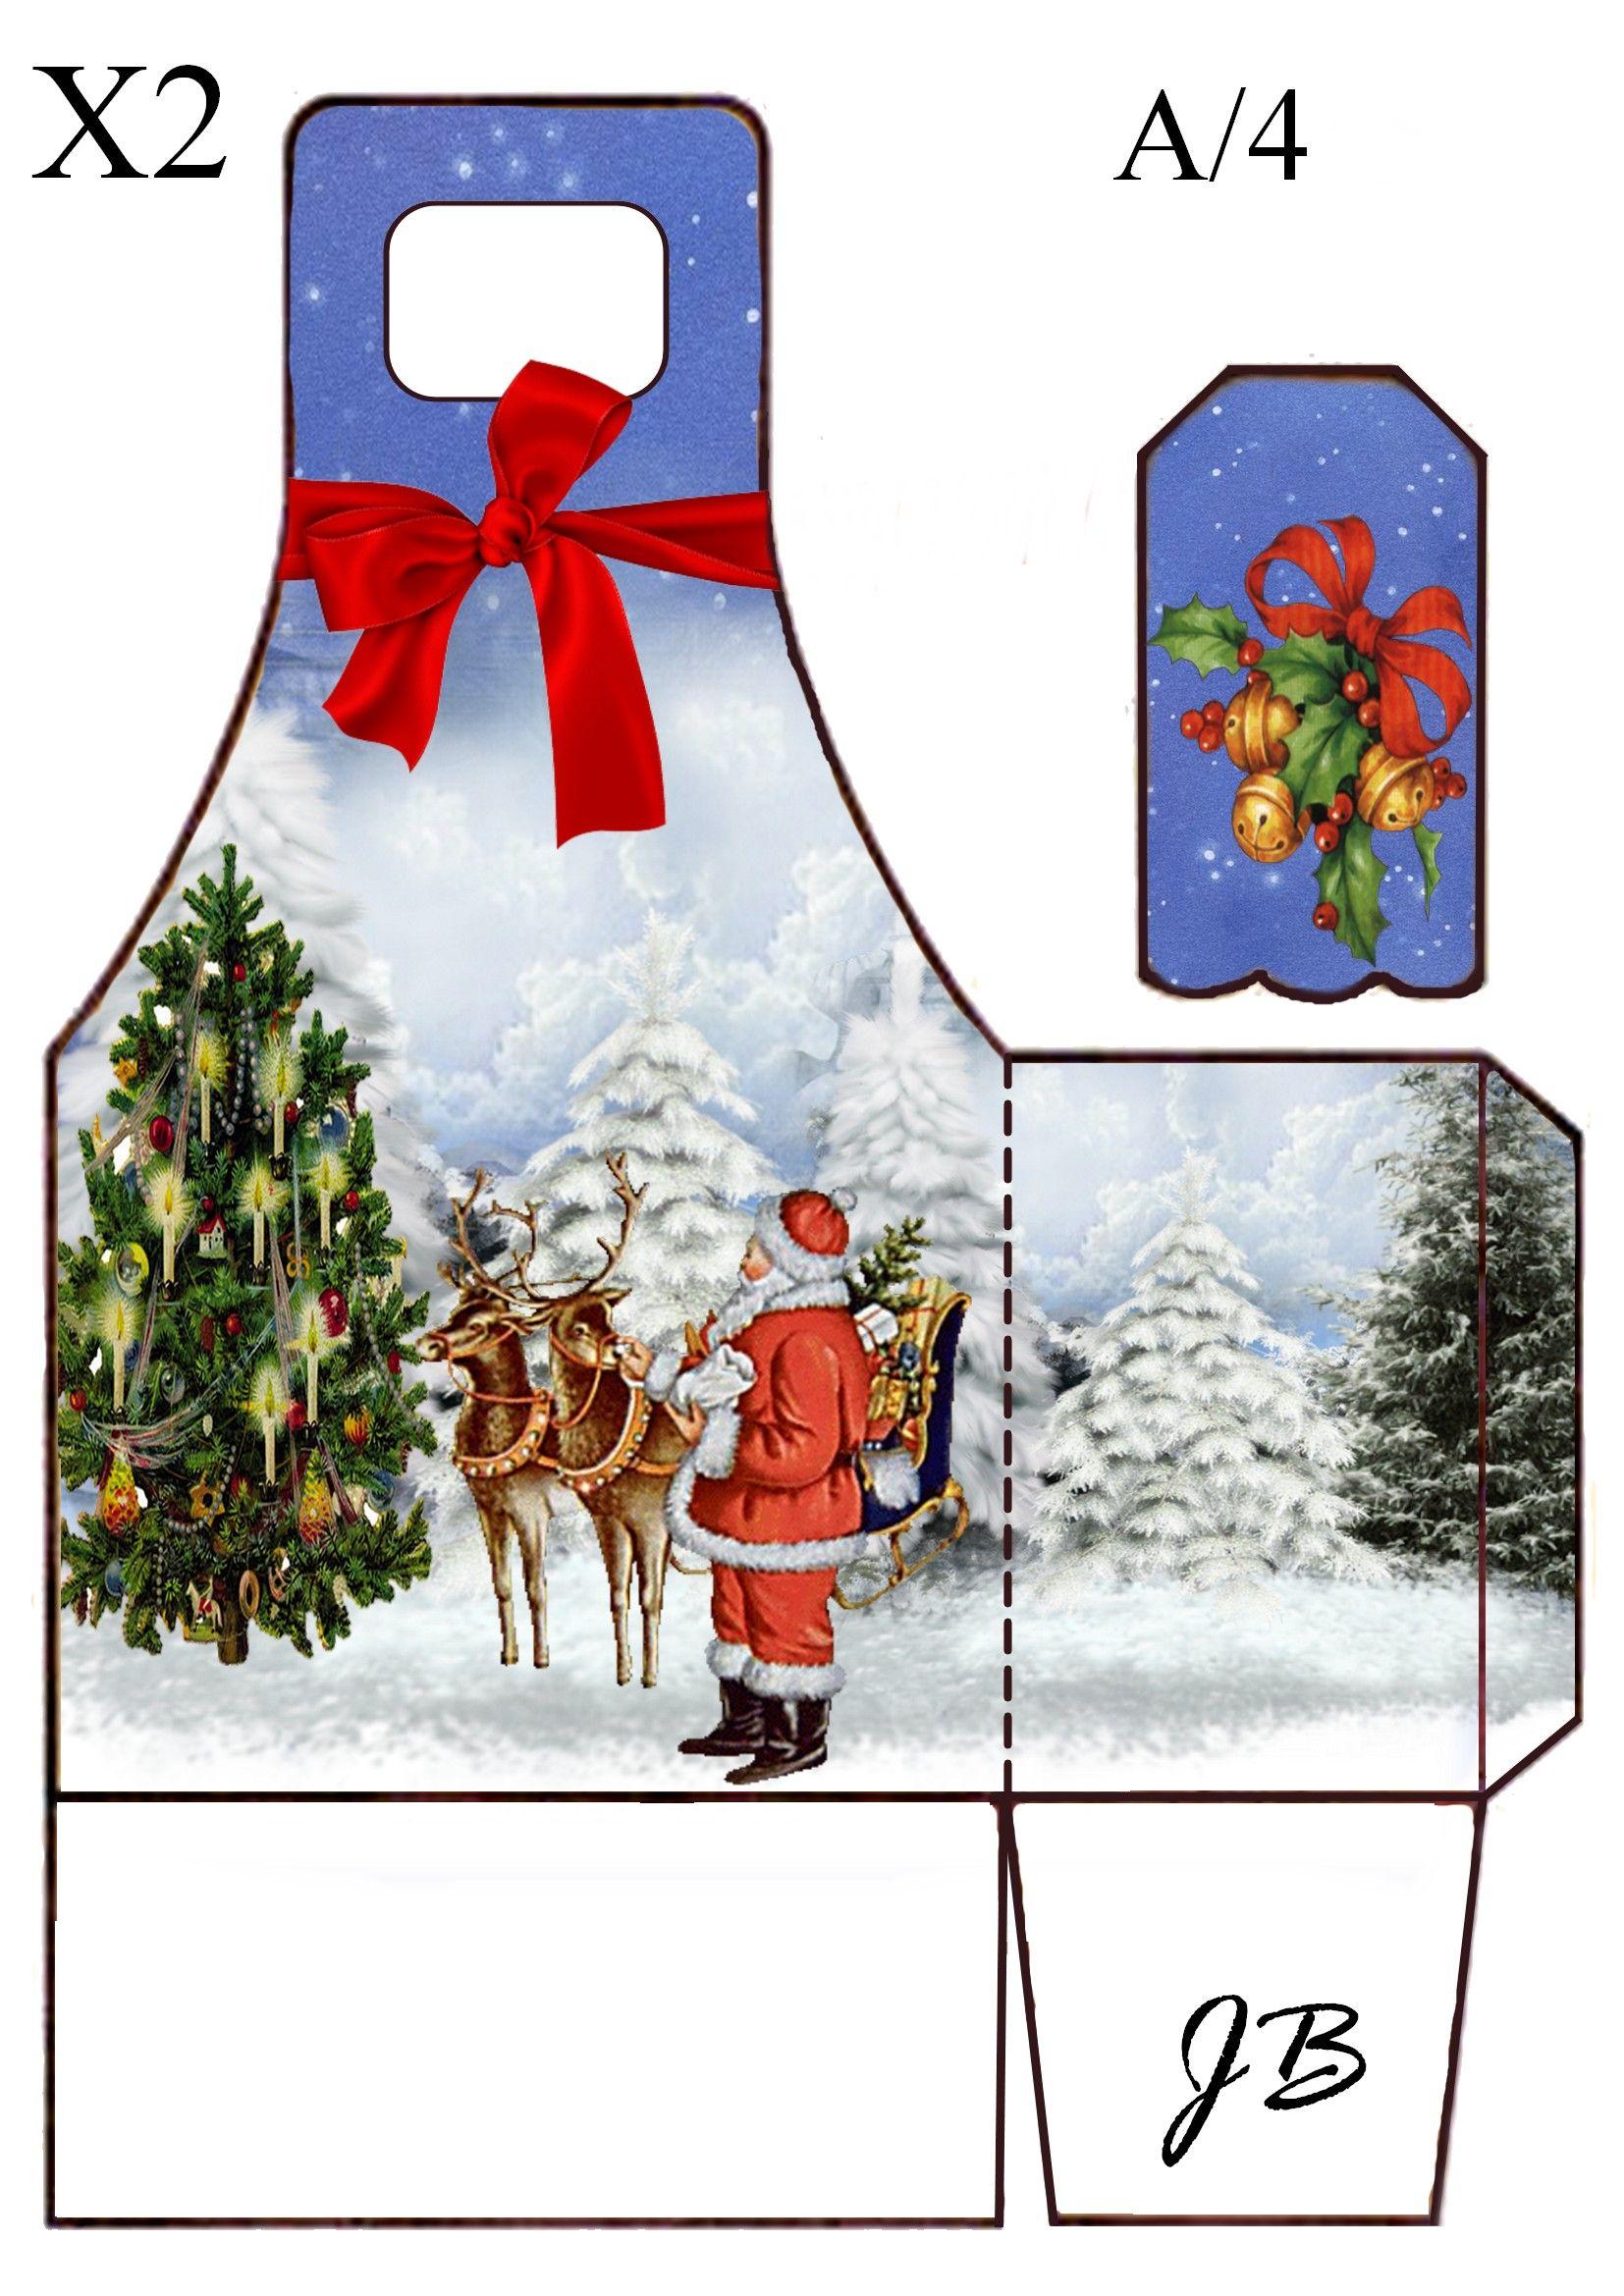 Pin von Jokkaby Jokkaby auf Gift box - 1 | Pinterest | Schachteln ...